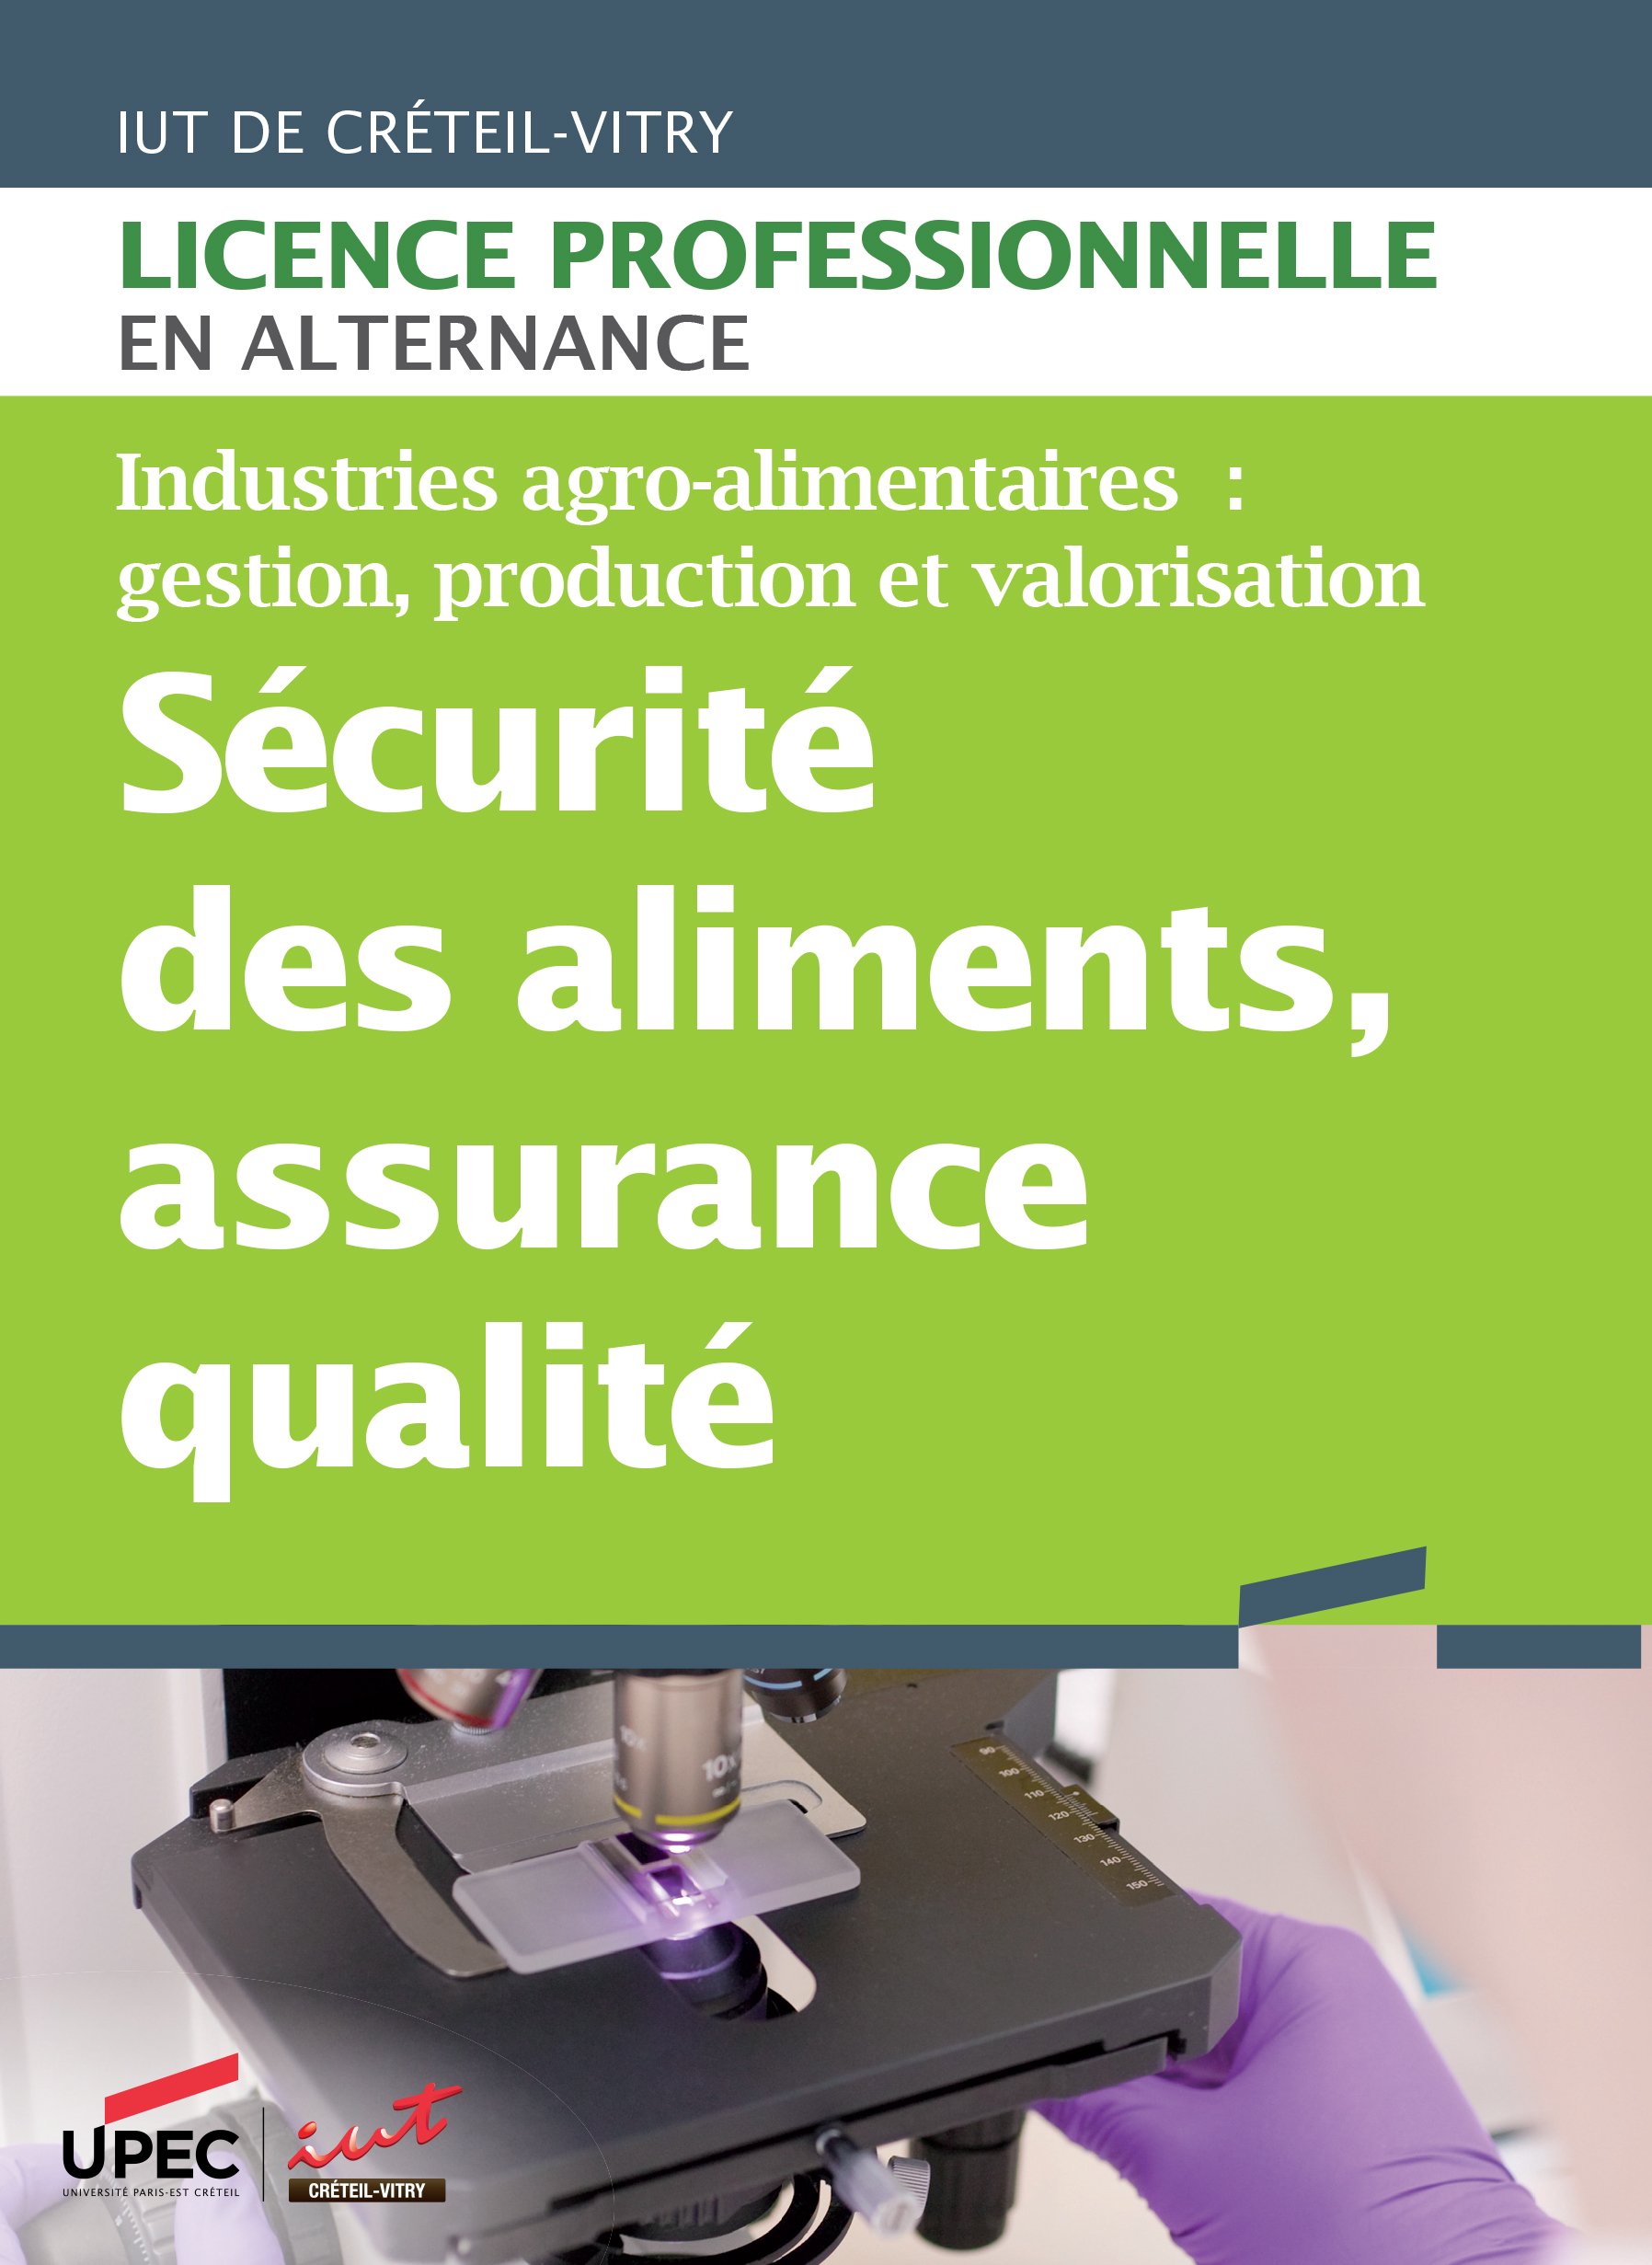 Plaquette licence professionnelle Sécurité des aliments - Assurance qualité